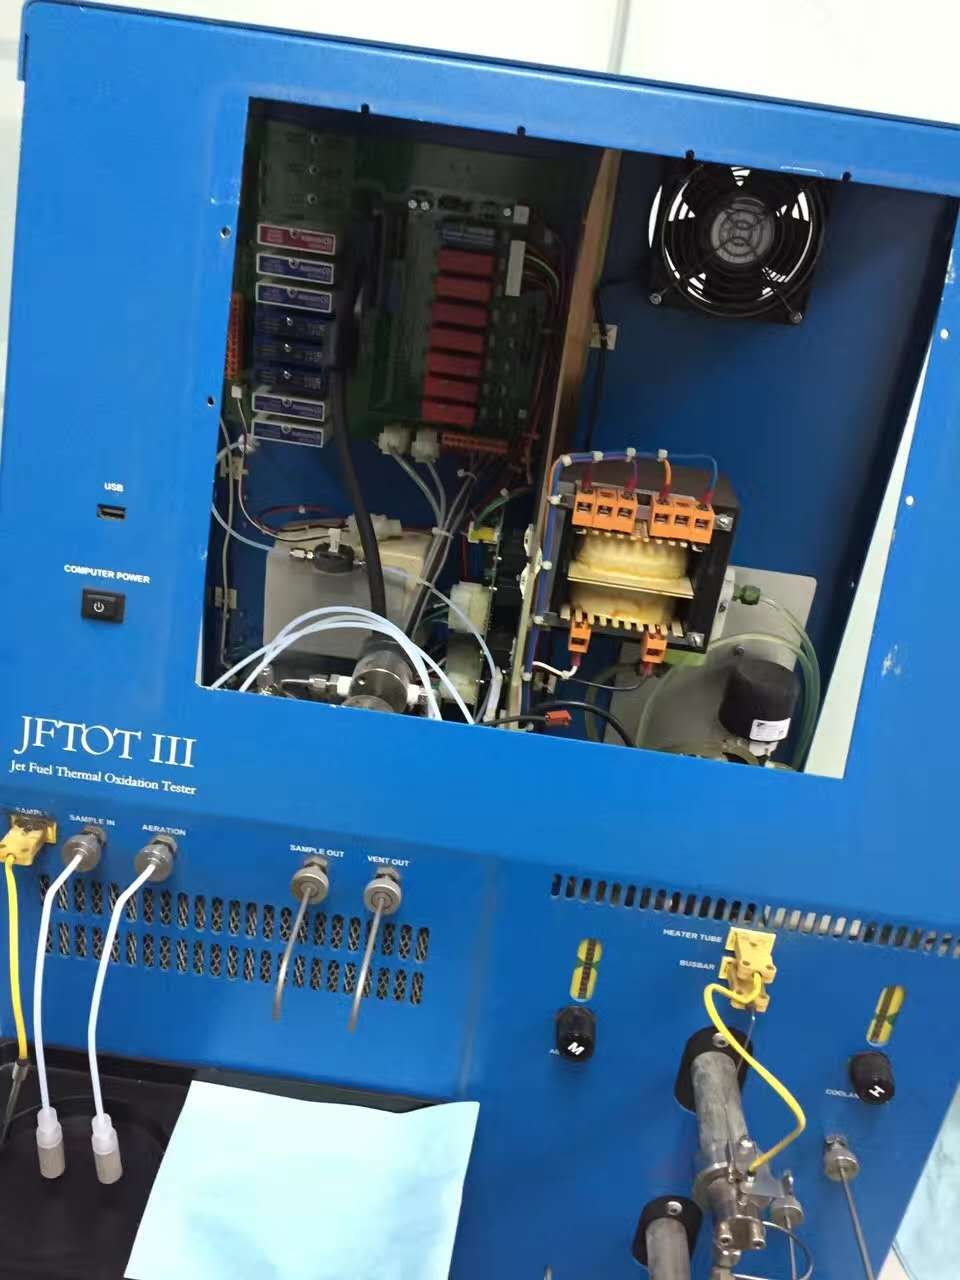 ALCOR jftot 喷气燃料热氧化仪免费检测珠三角两小时上门维修